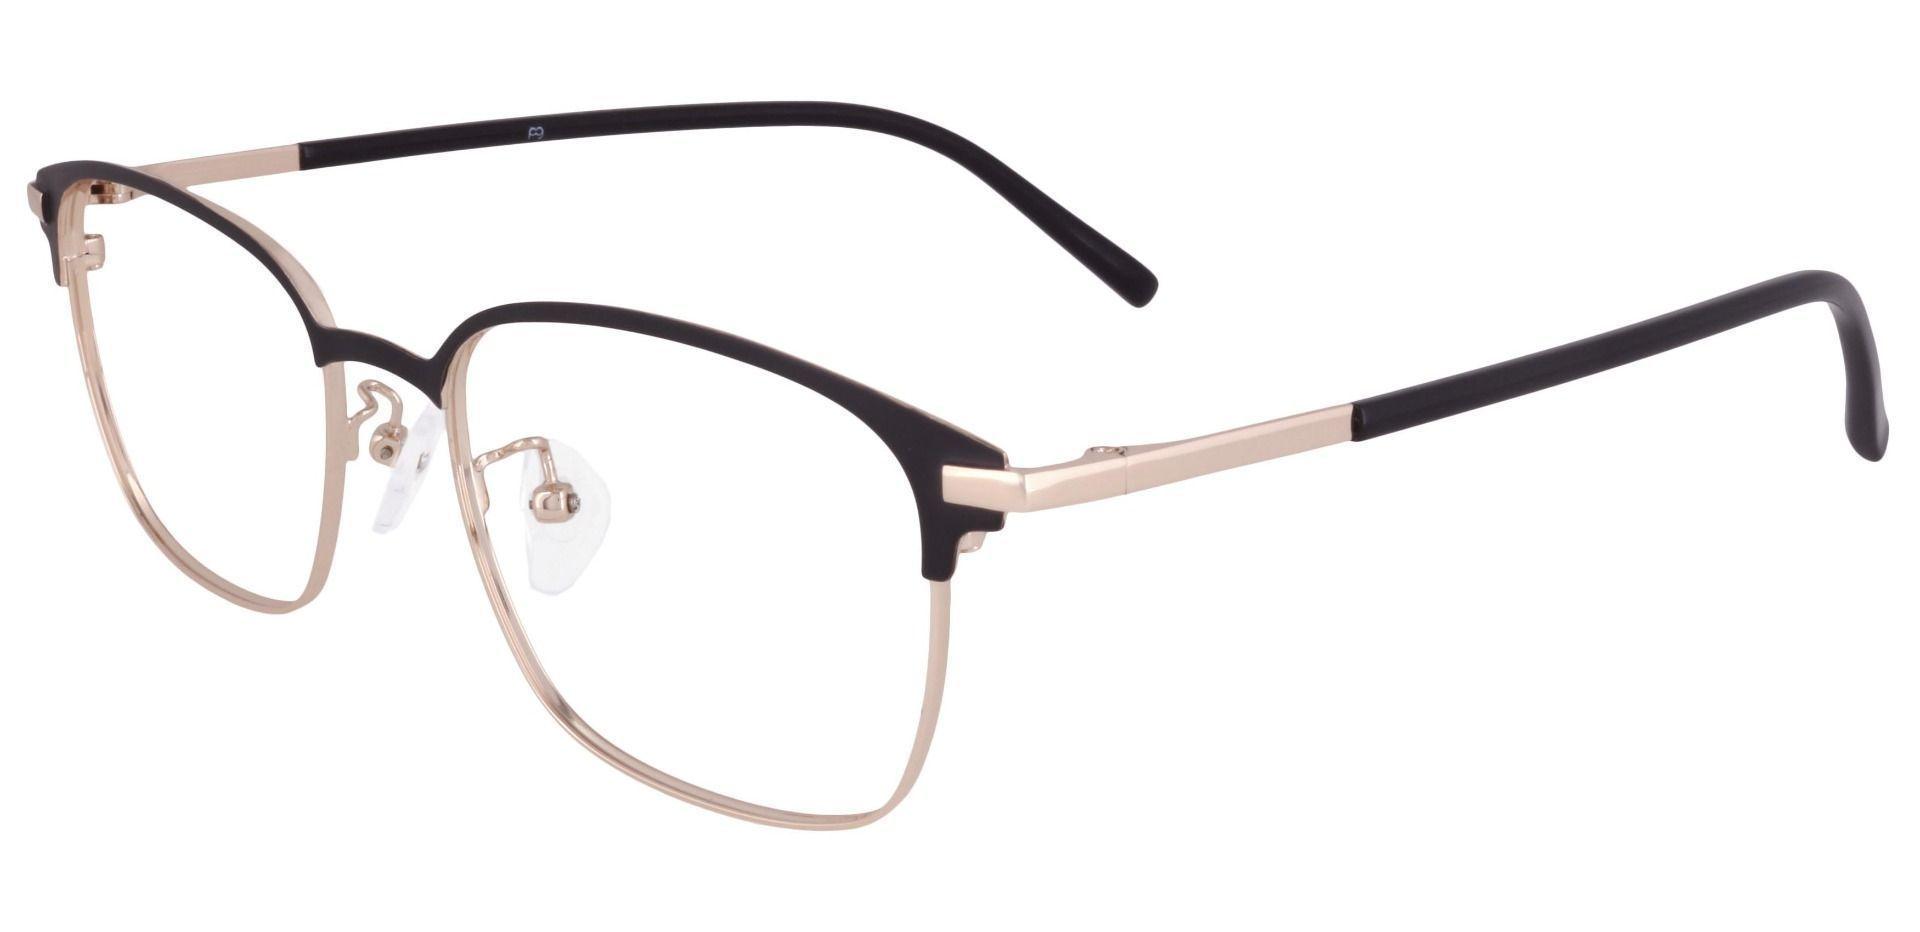 Scotland Browline Prescription Glasses - Matte Black/gold